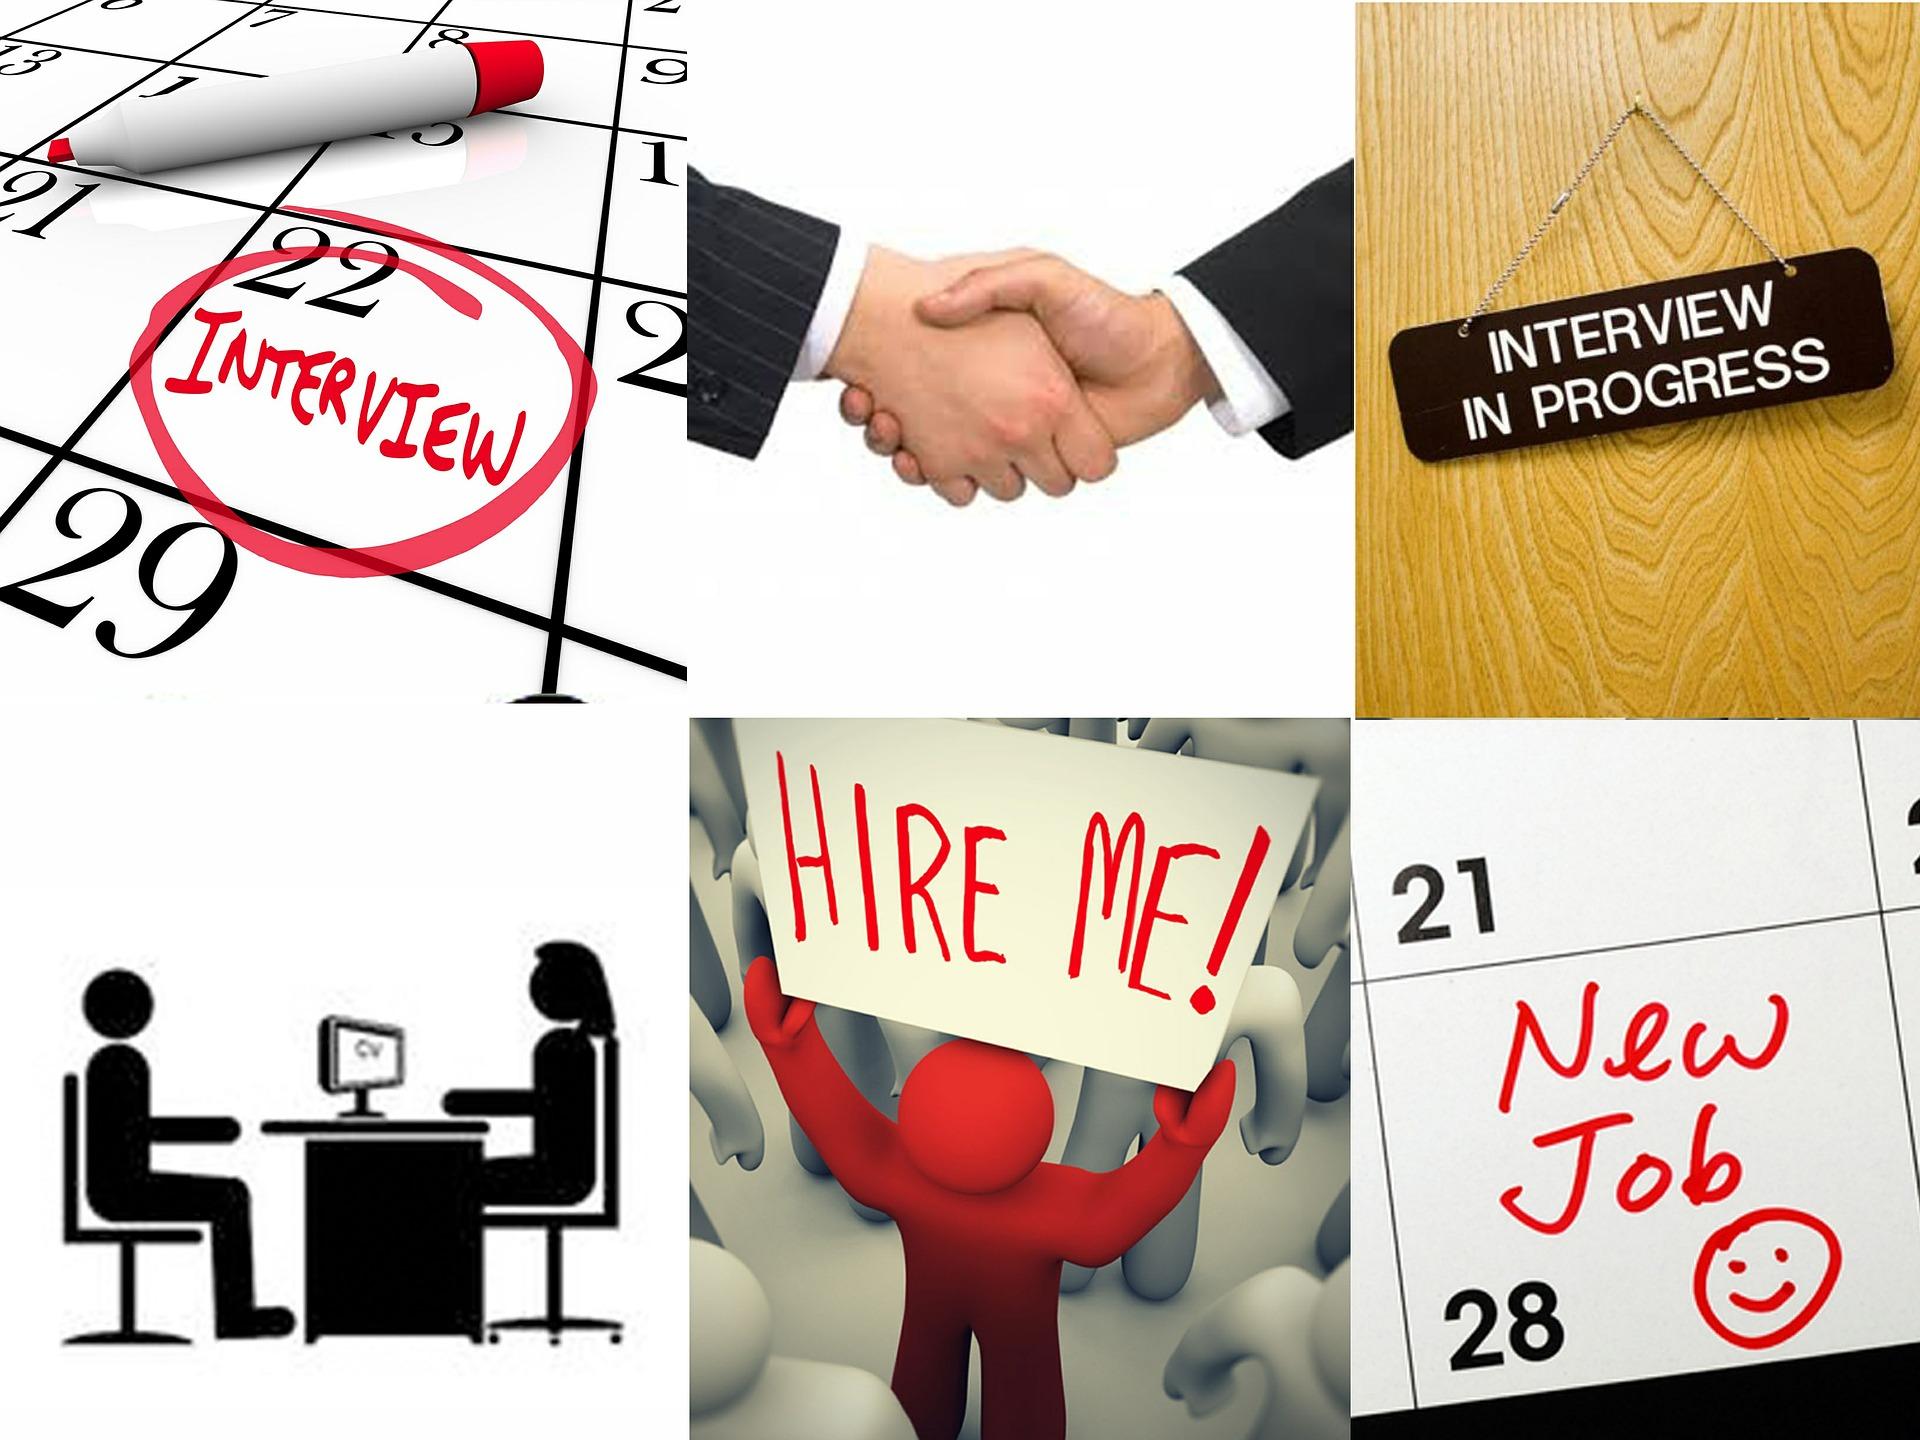 artikkelit tuunaan cv si job interview